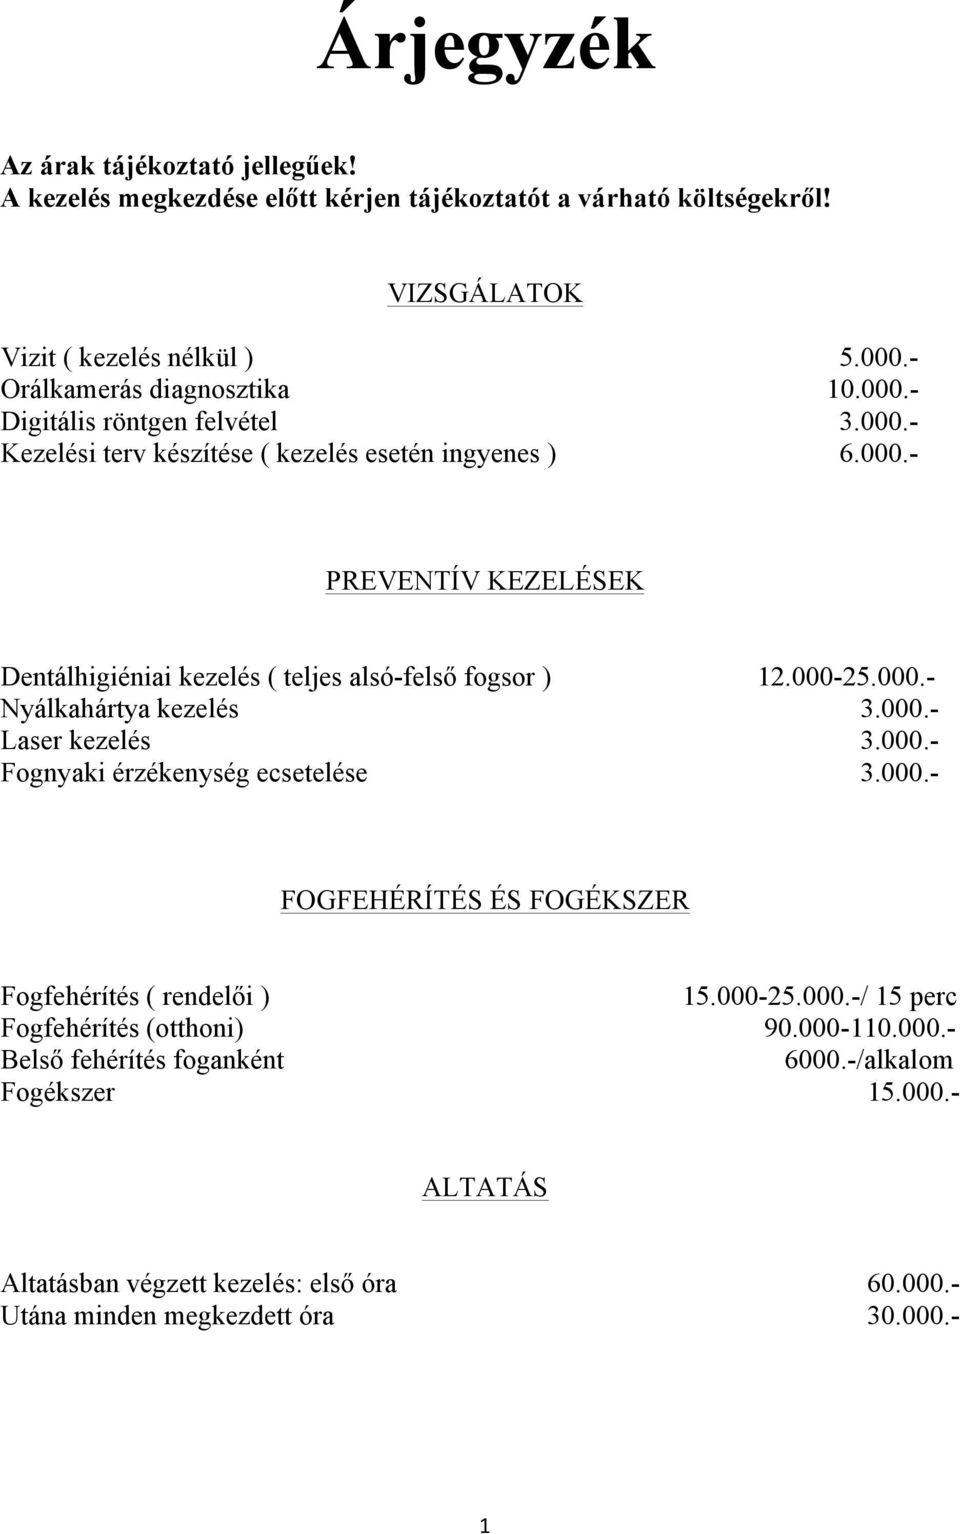 férgek elleni megelőző gyógyszerek parazita kezelés tojással